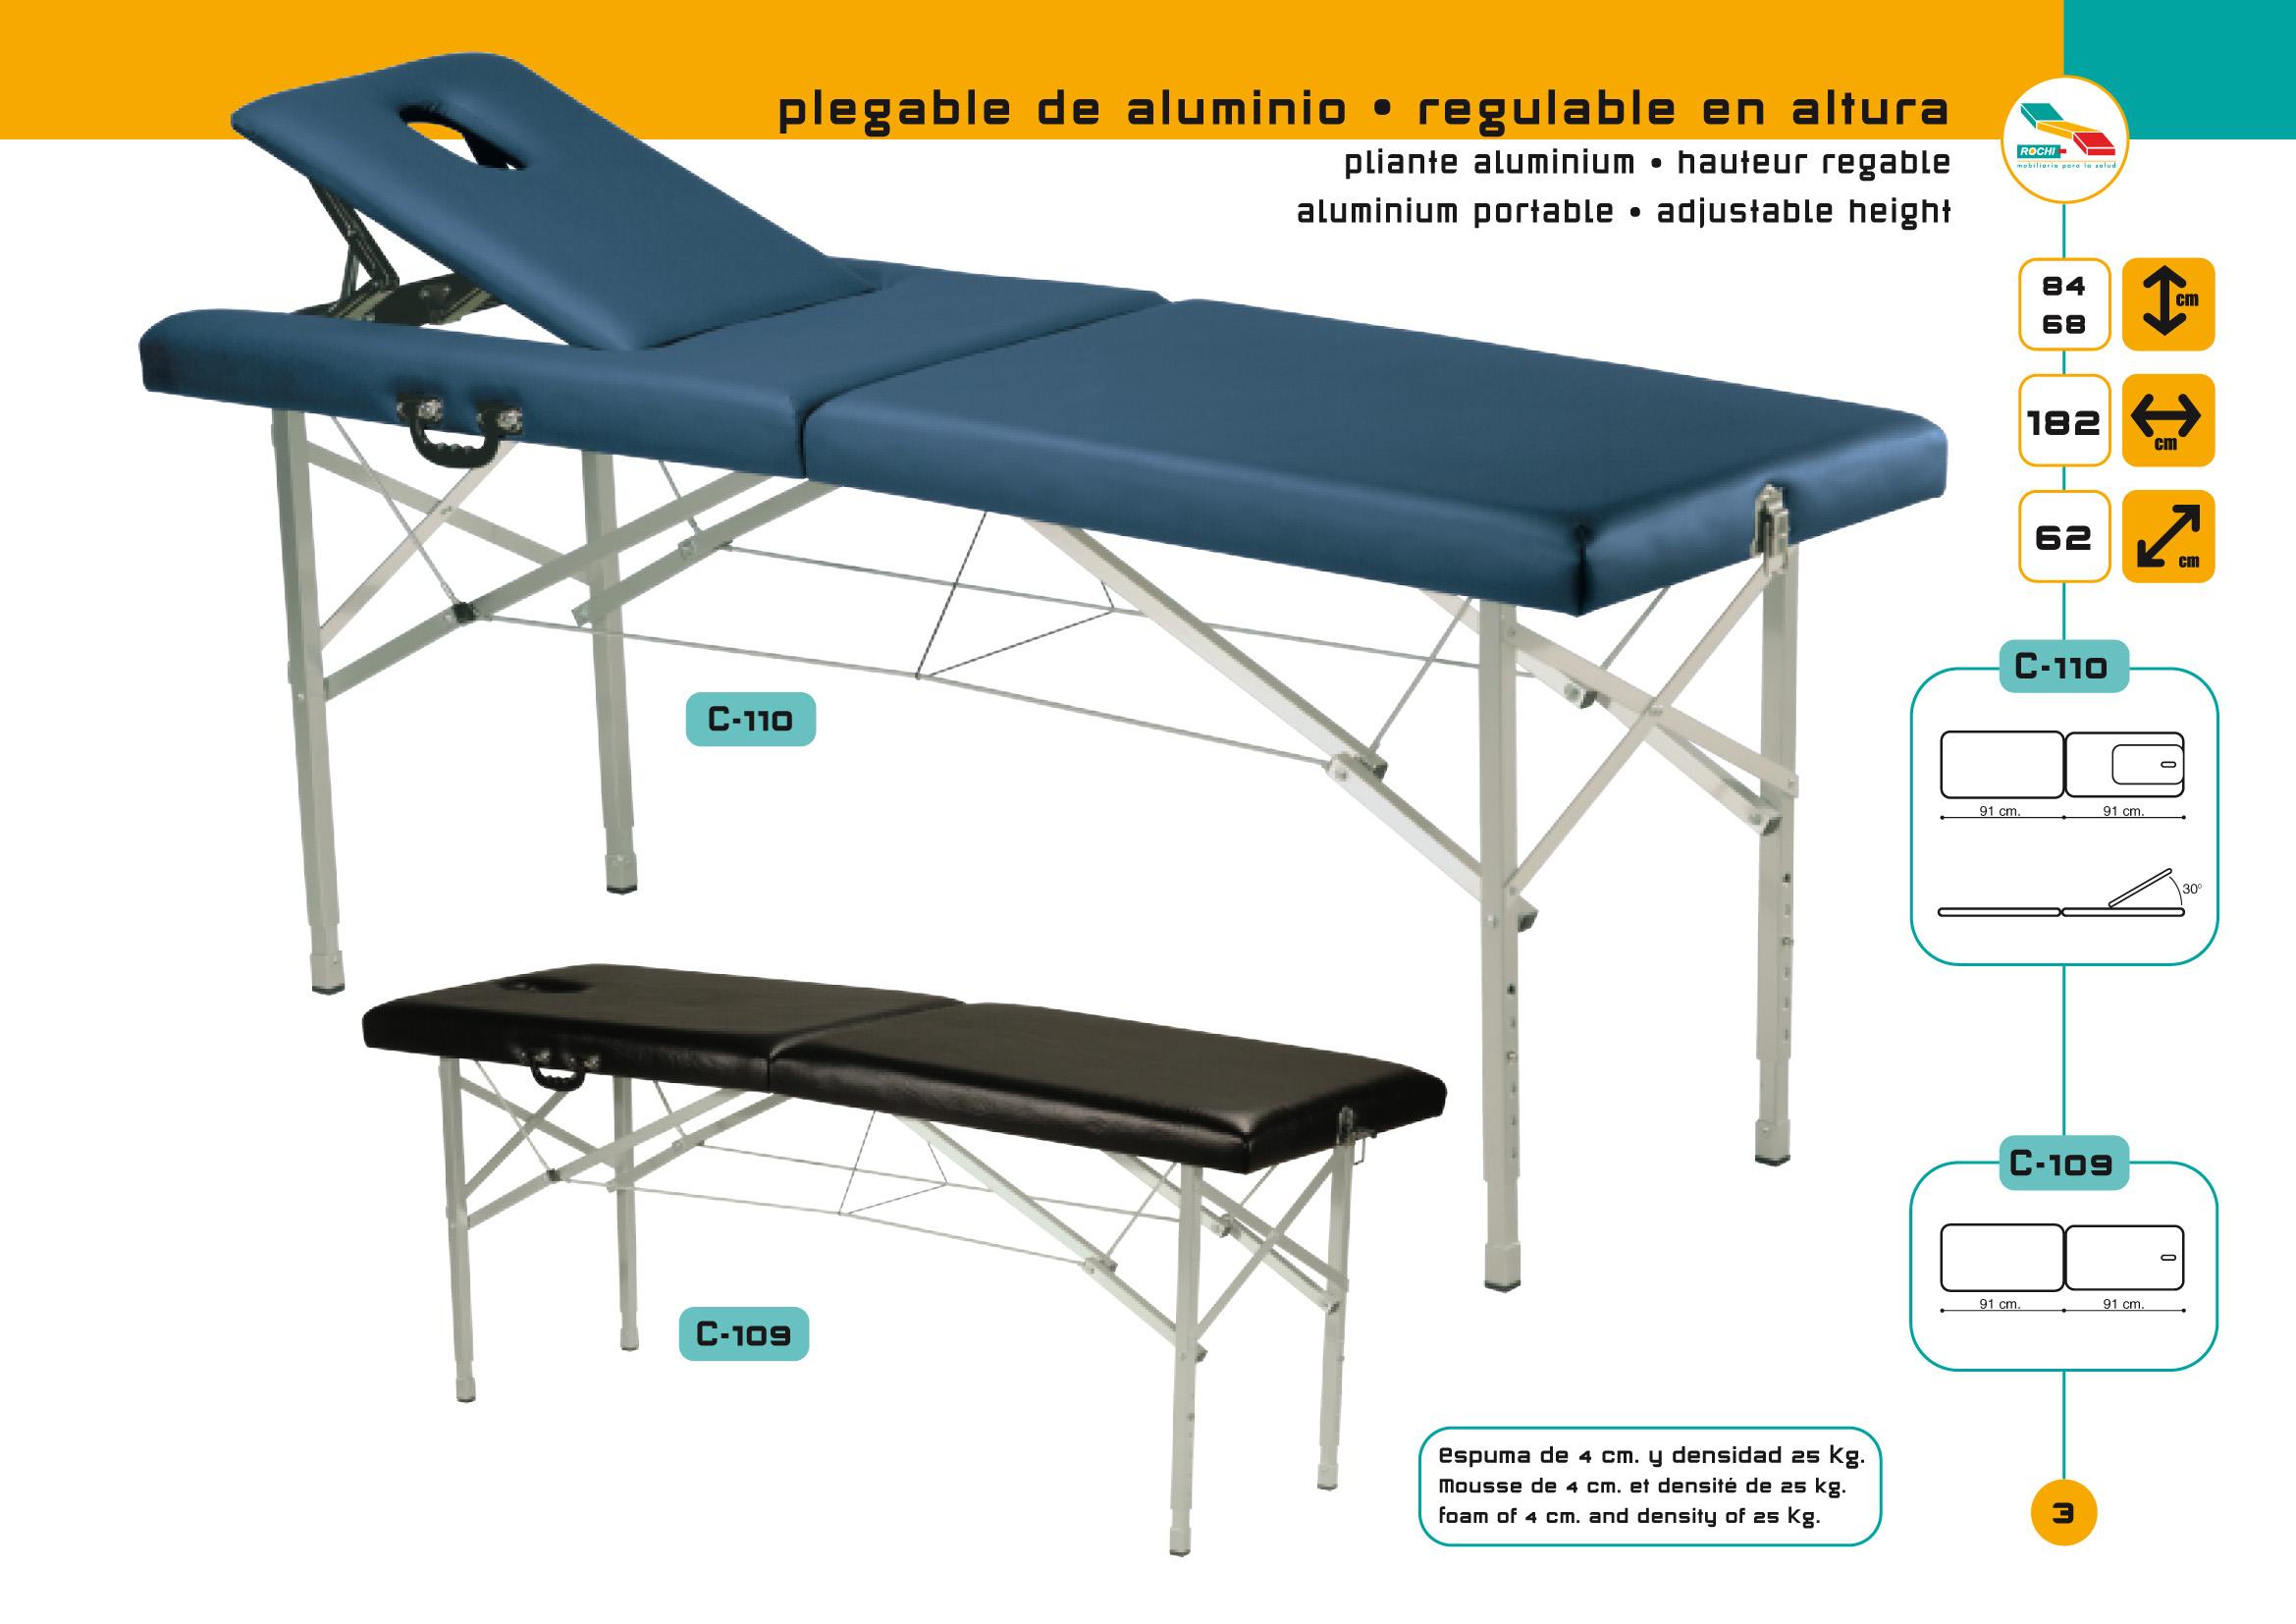 Table De Massage Pliante C 109 Avec Tendeurs